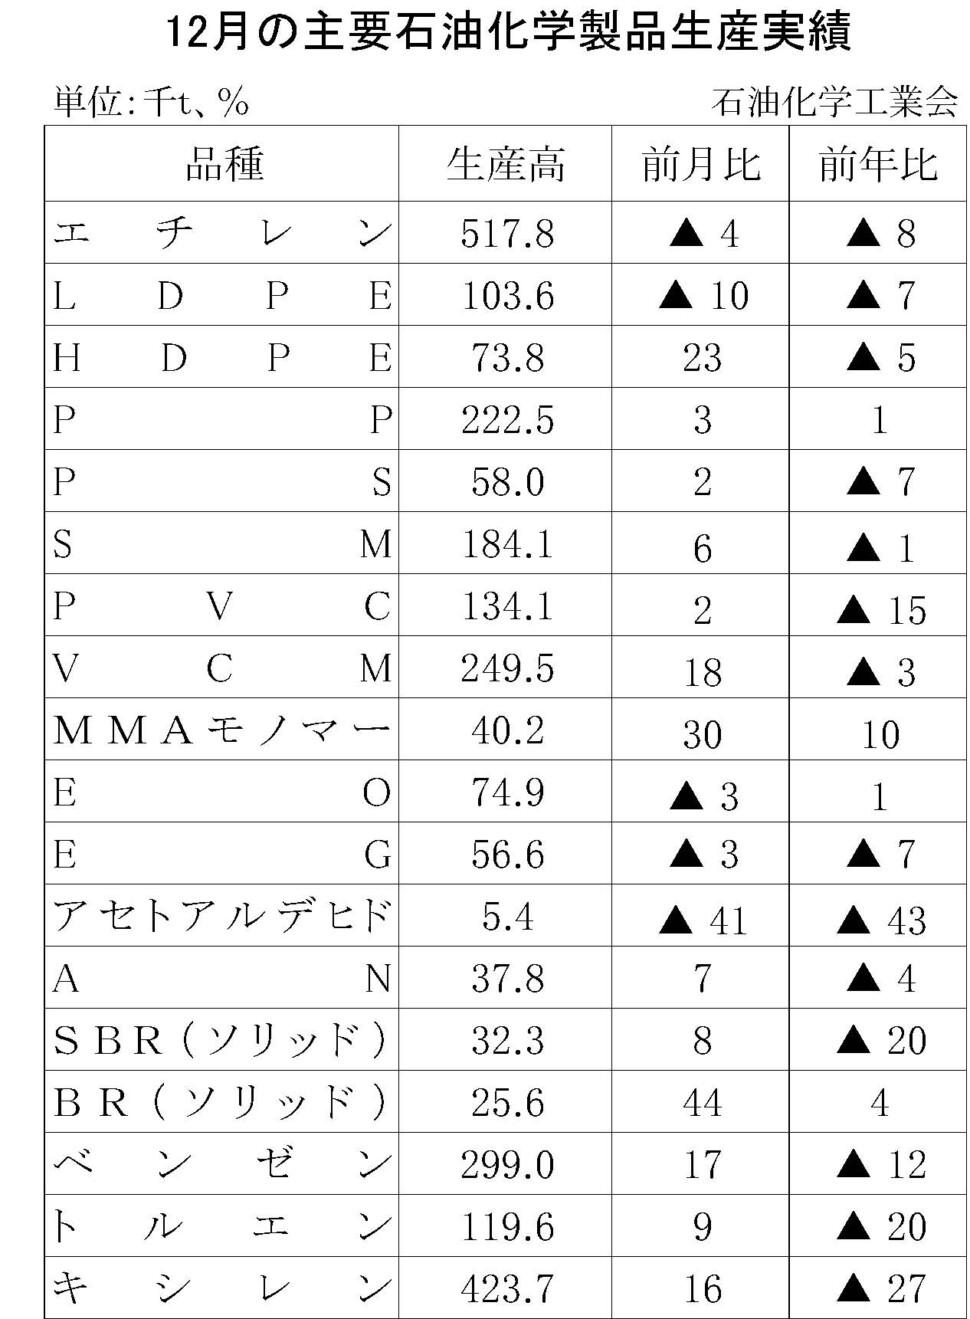 17-(年間使用)主要石油化学製品生産実績